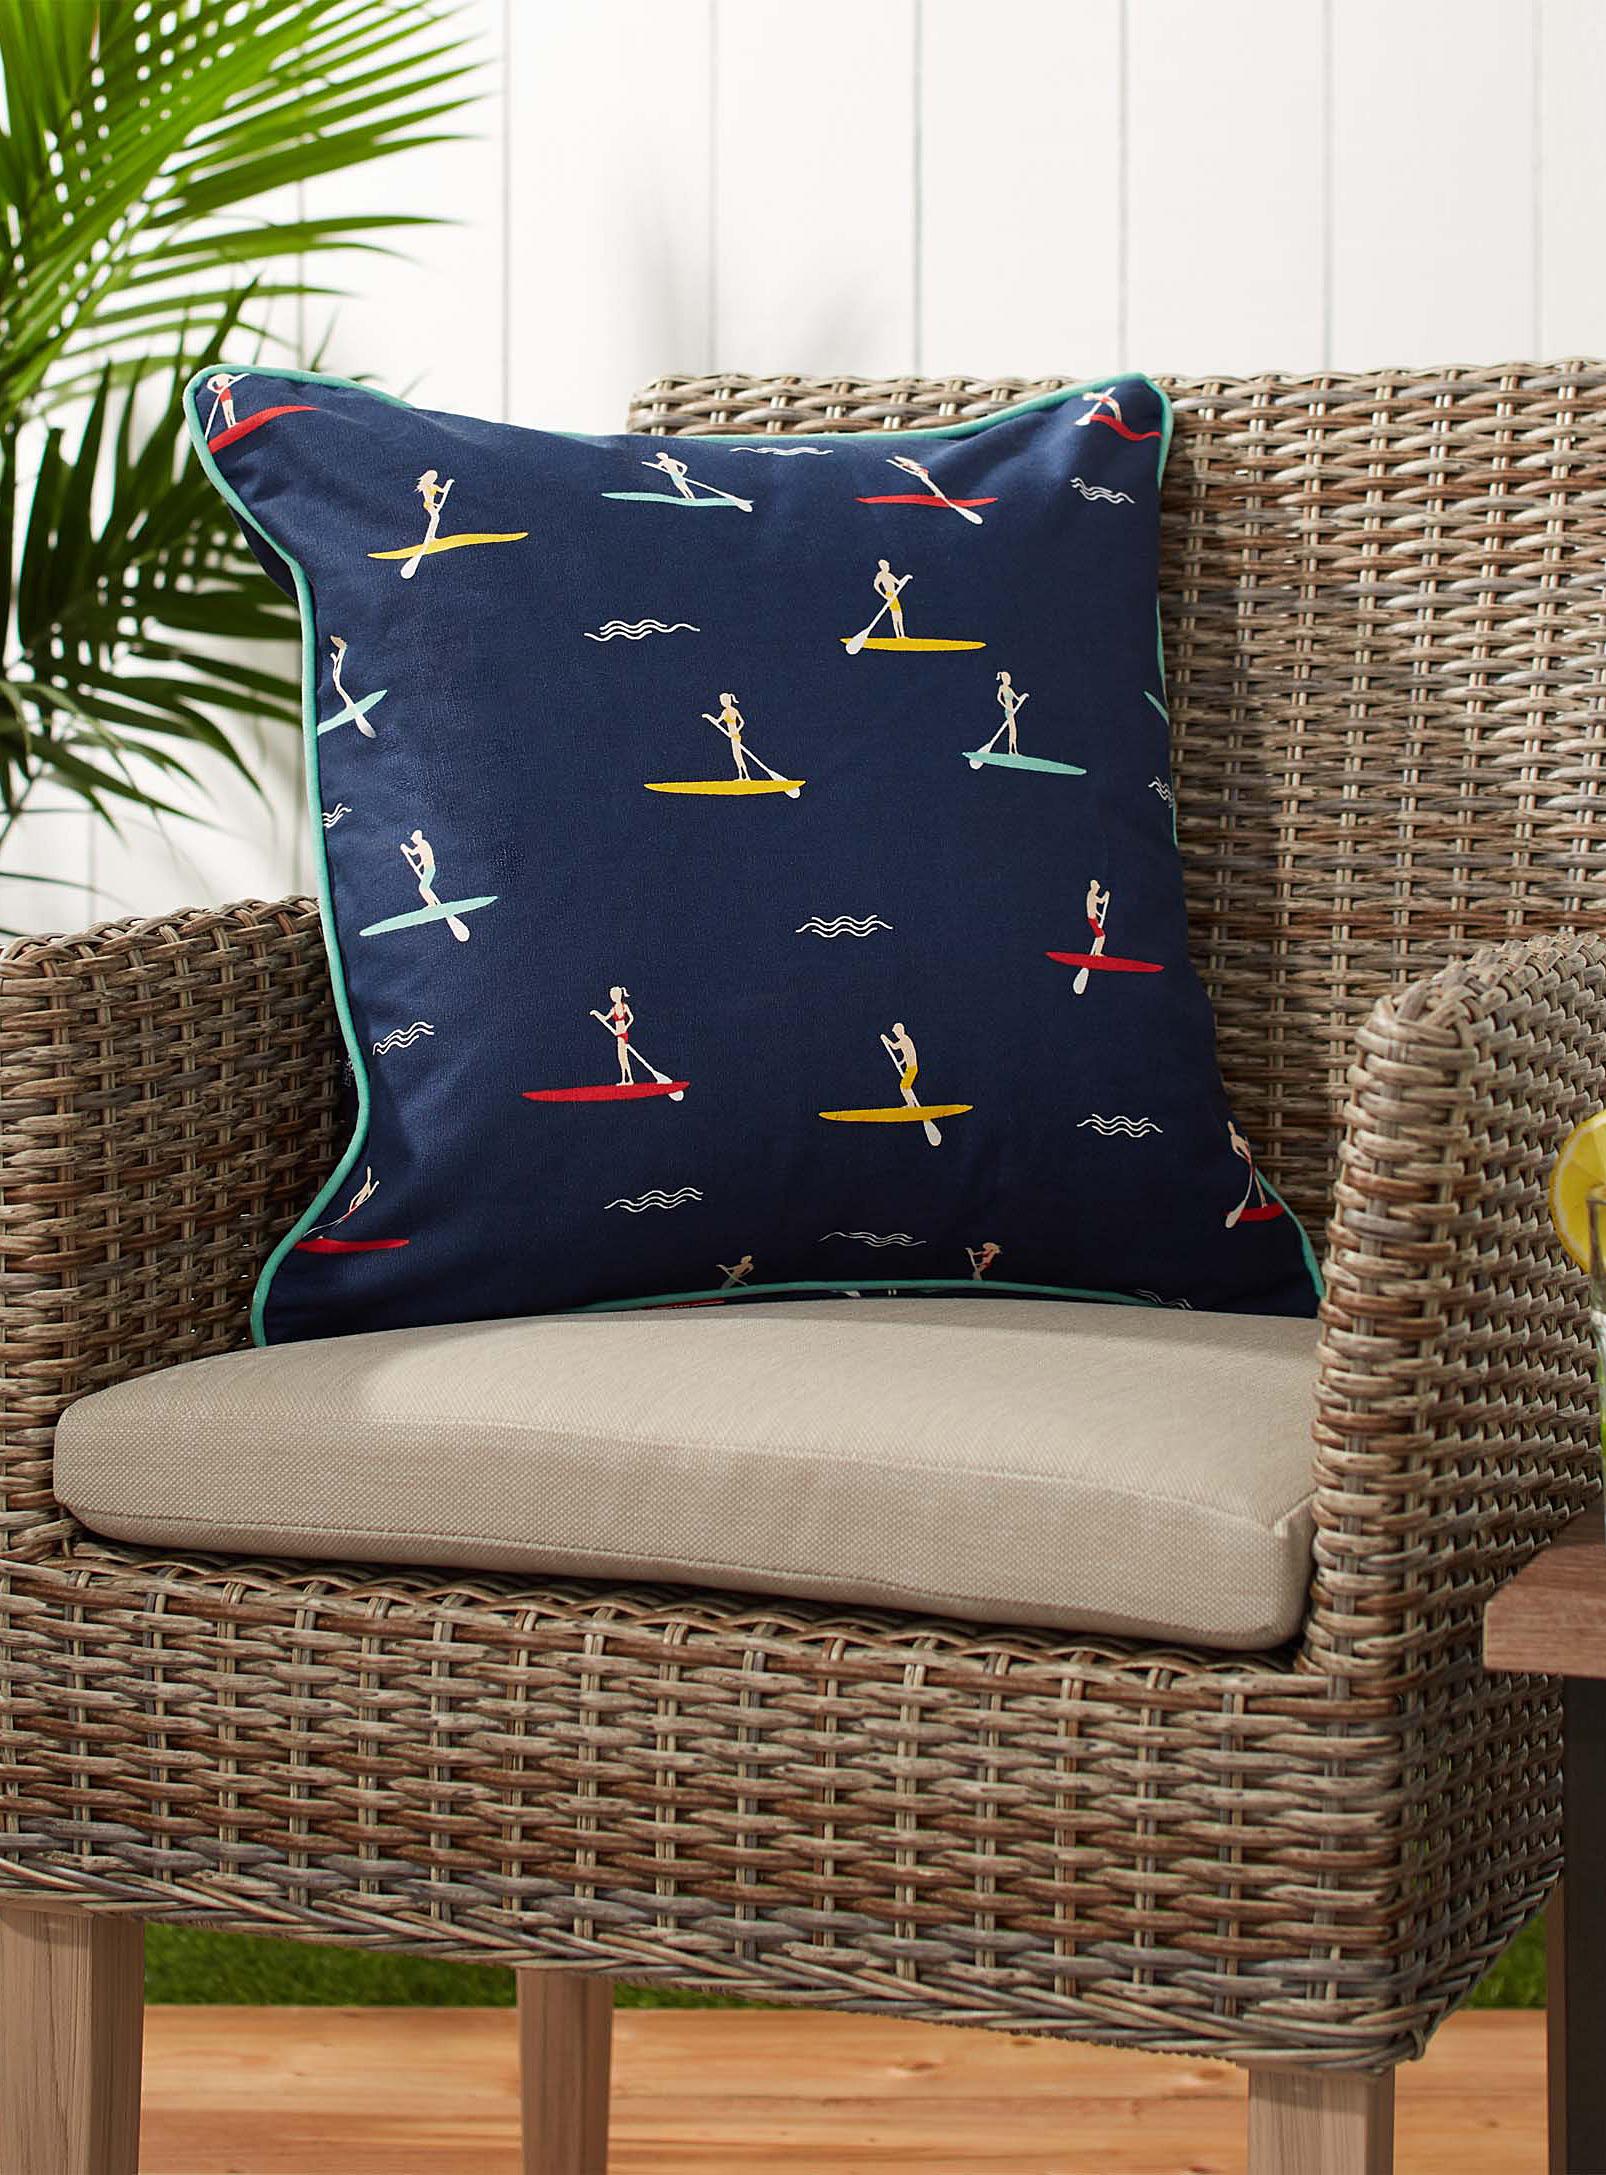 6 objets d co en solde en ce moment le cahier. Black Bedroom Furniture Sets. Home Design Ideas